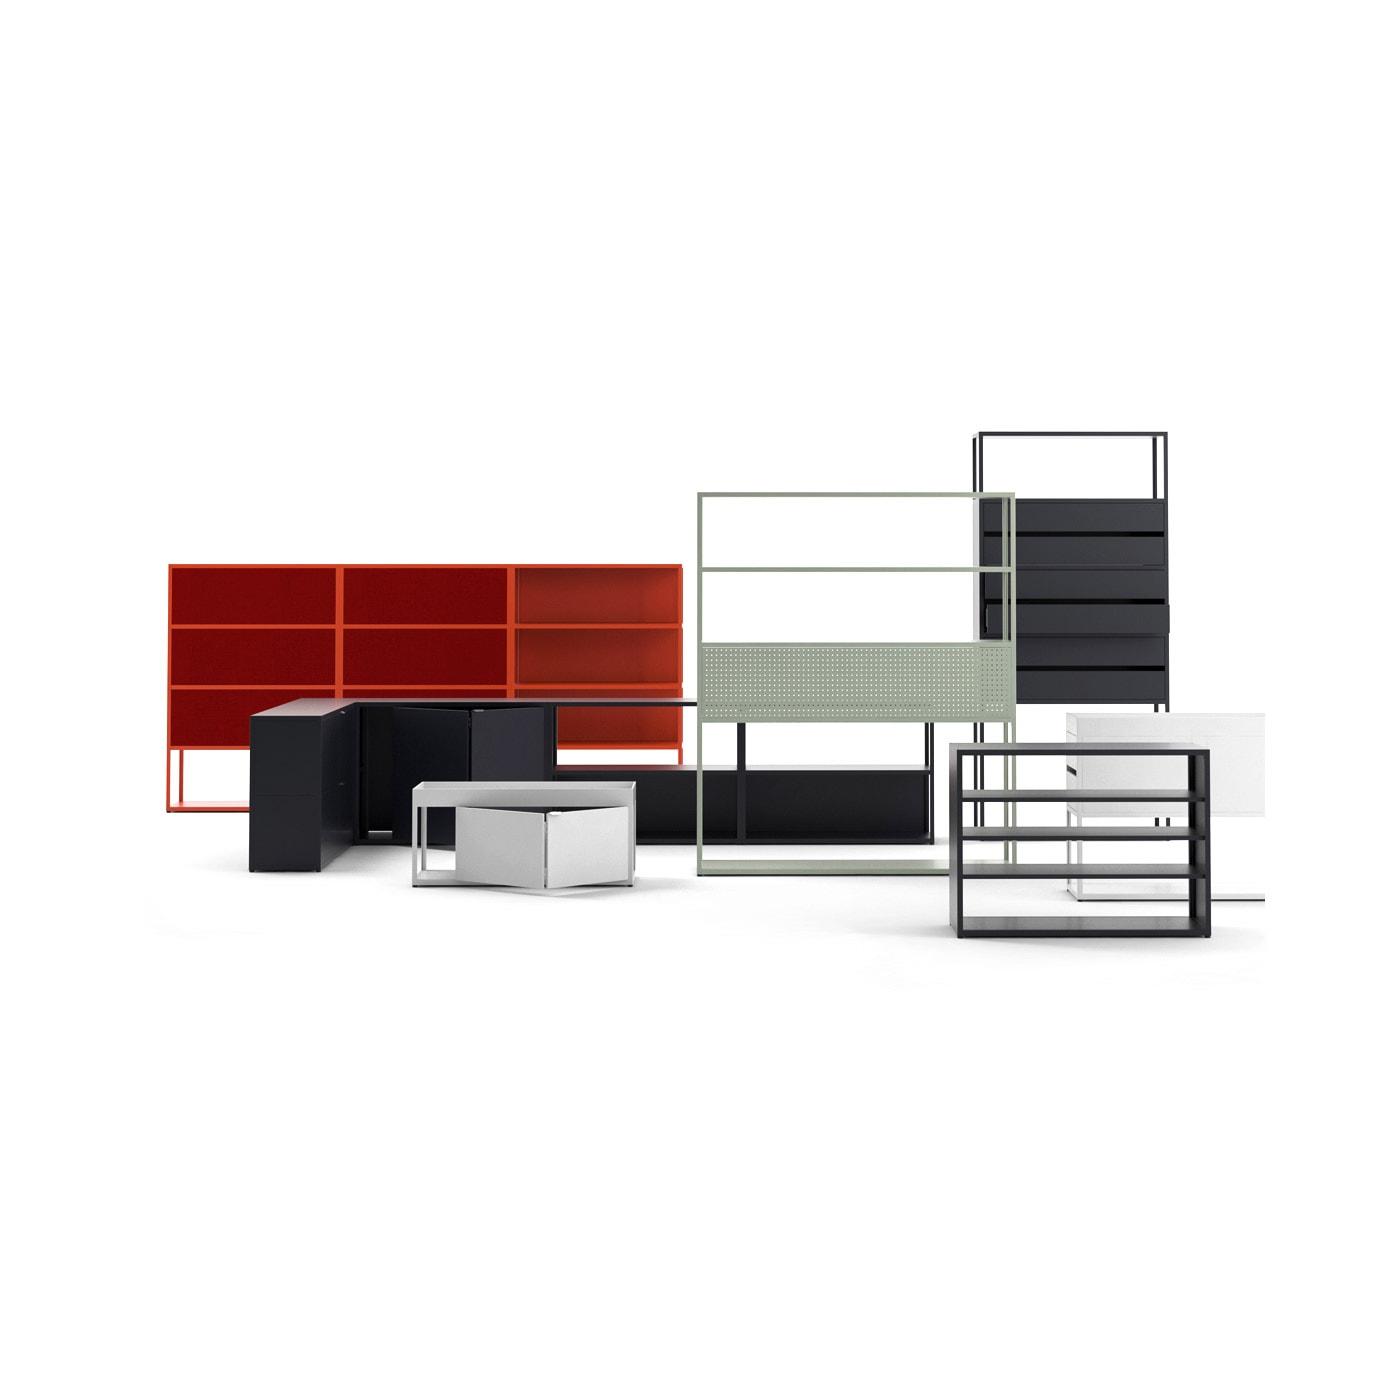 HAY New Order sistema archiviazione modulare